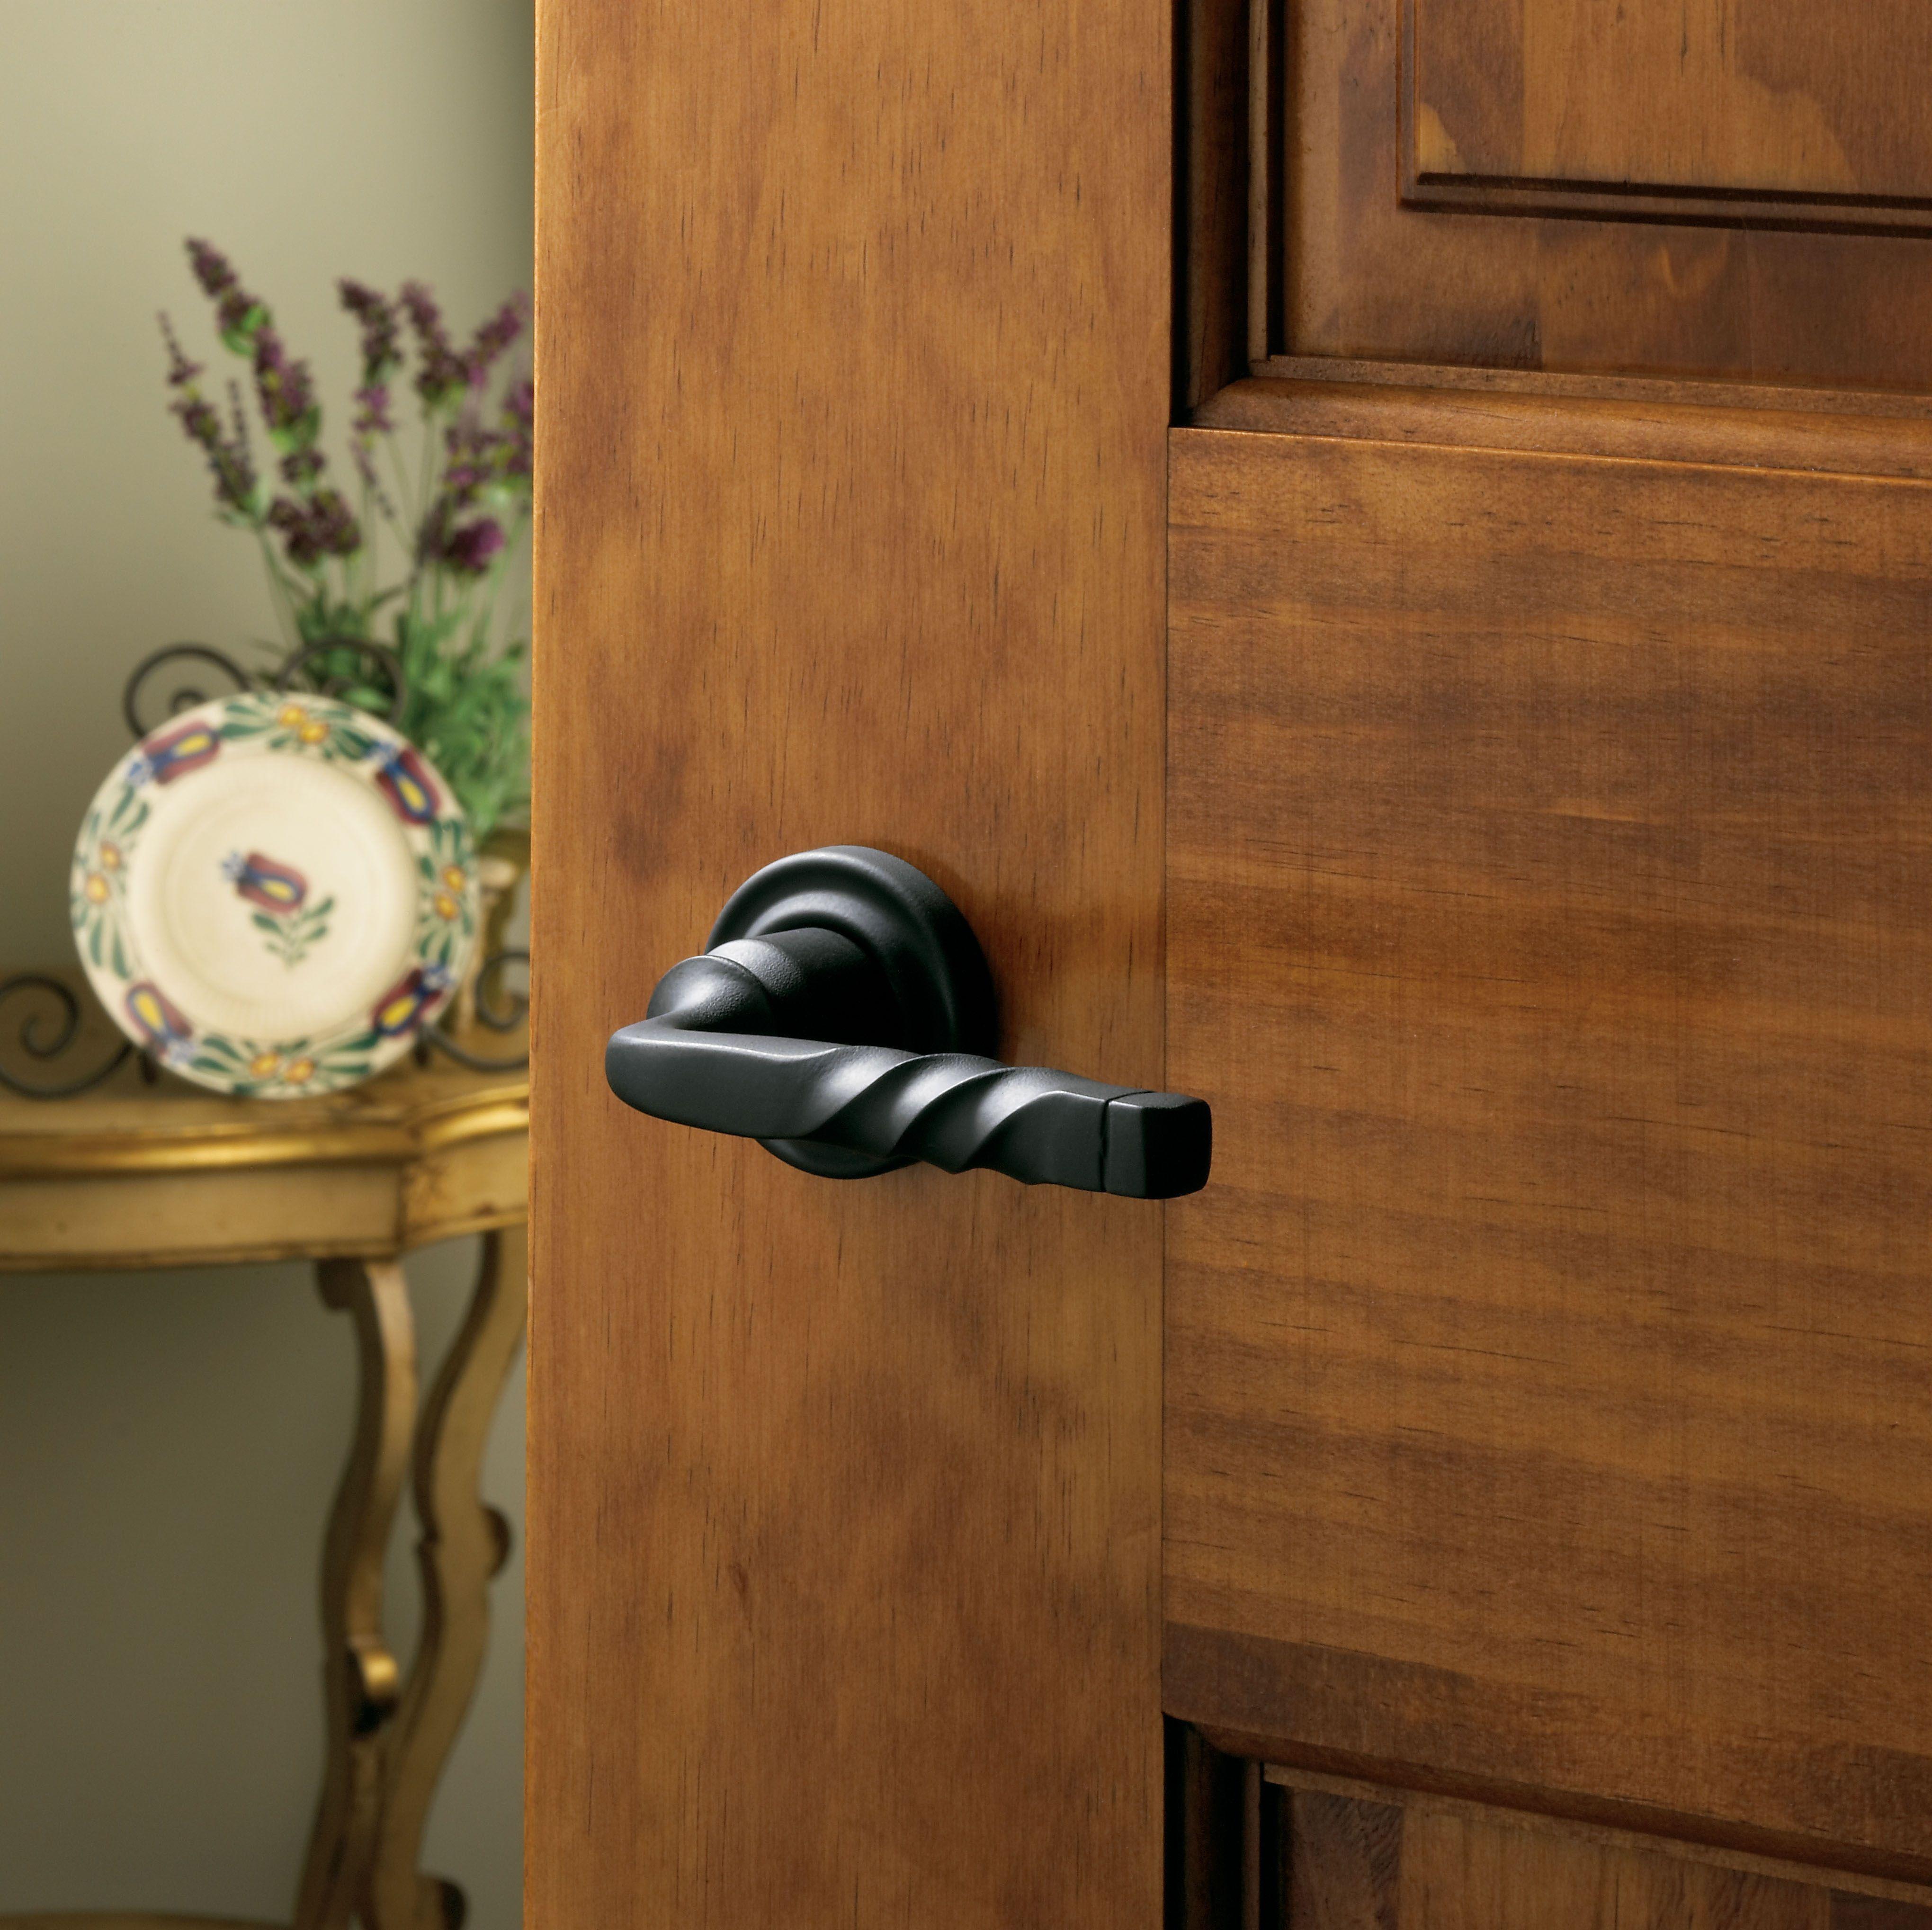 Baldwin Black Lever 5132.190 #interior # door #black# handle & Baldwin Black Lever 5132.190 #interior # door #black# handle ...